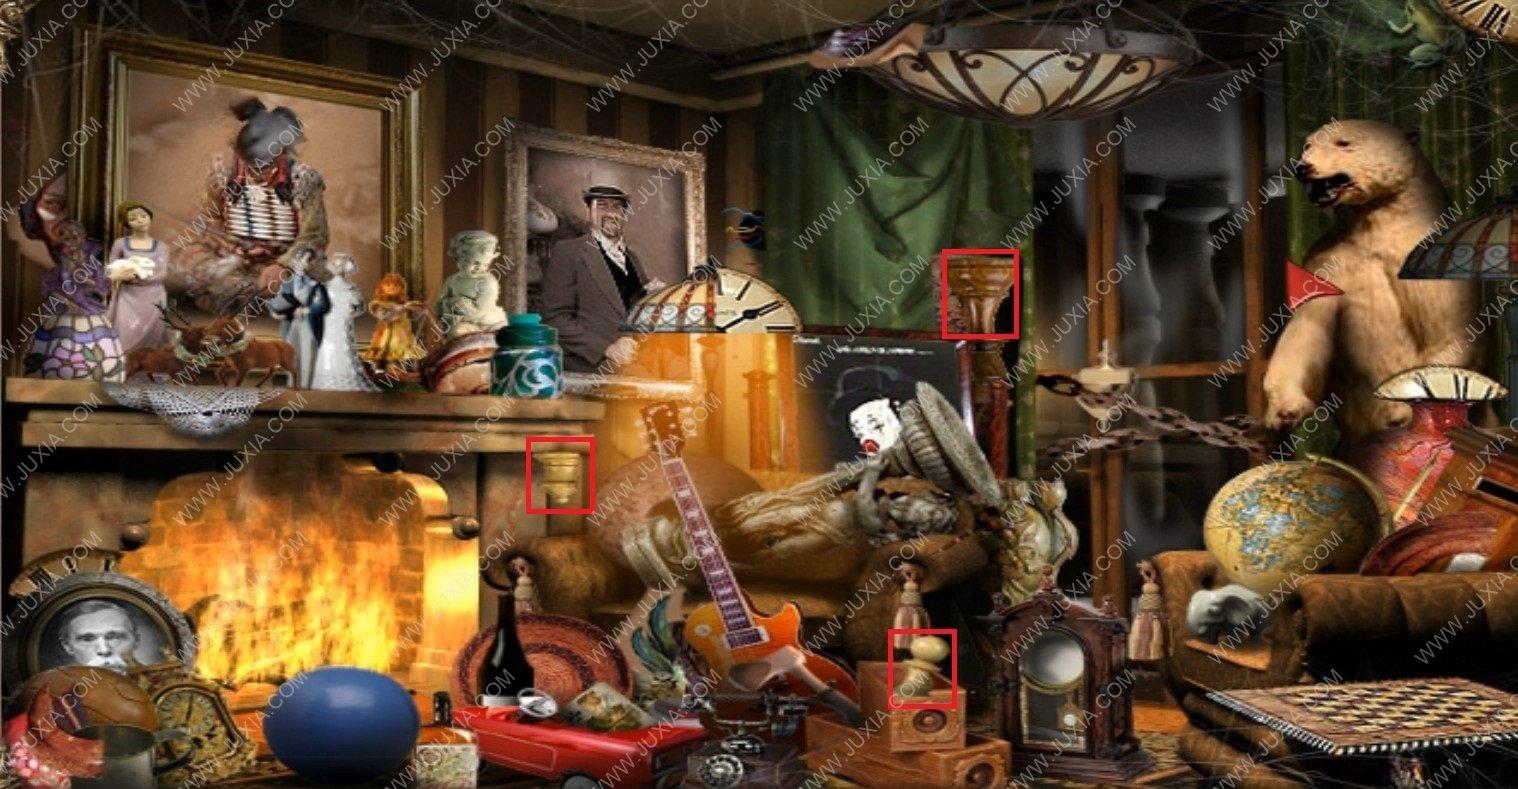 幽灵庄园的秘密攻略第2章 幽灵装置怎么找到